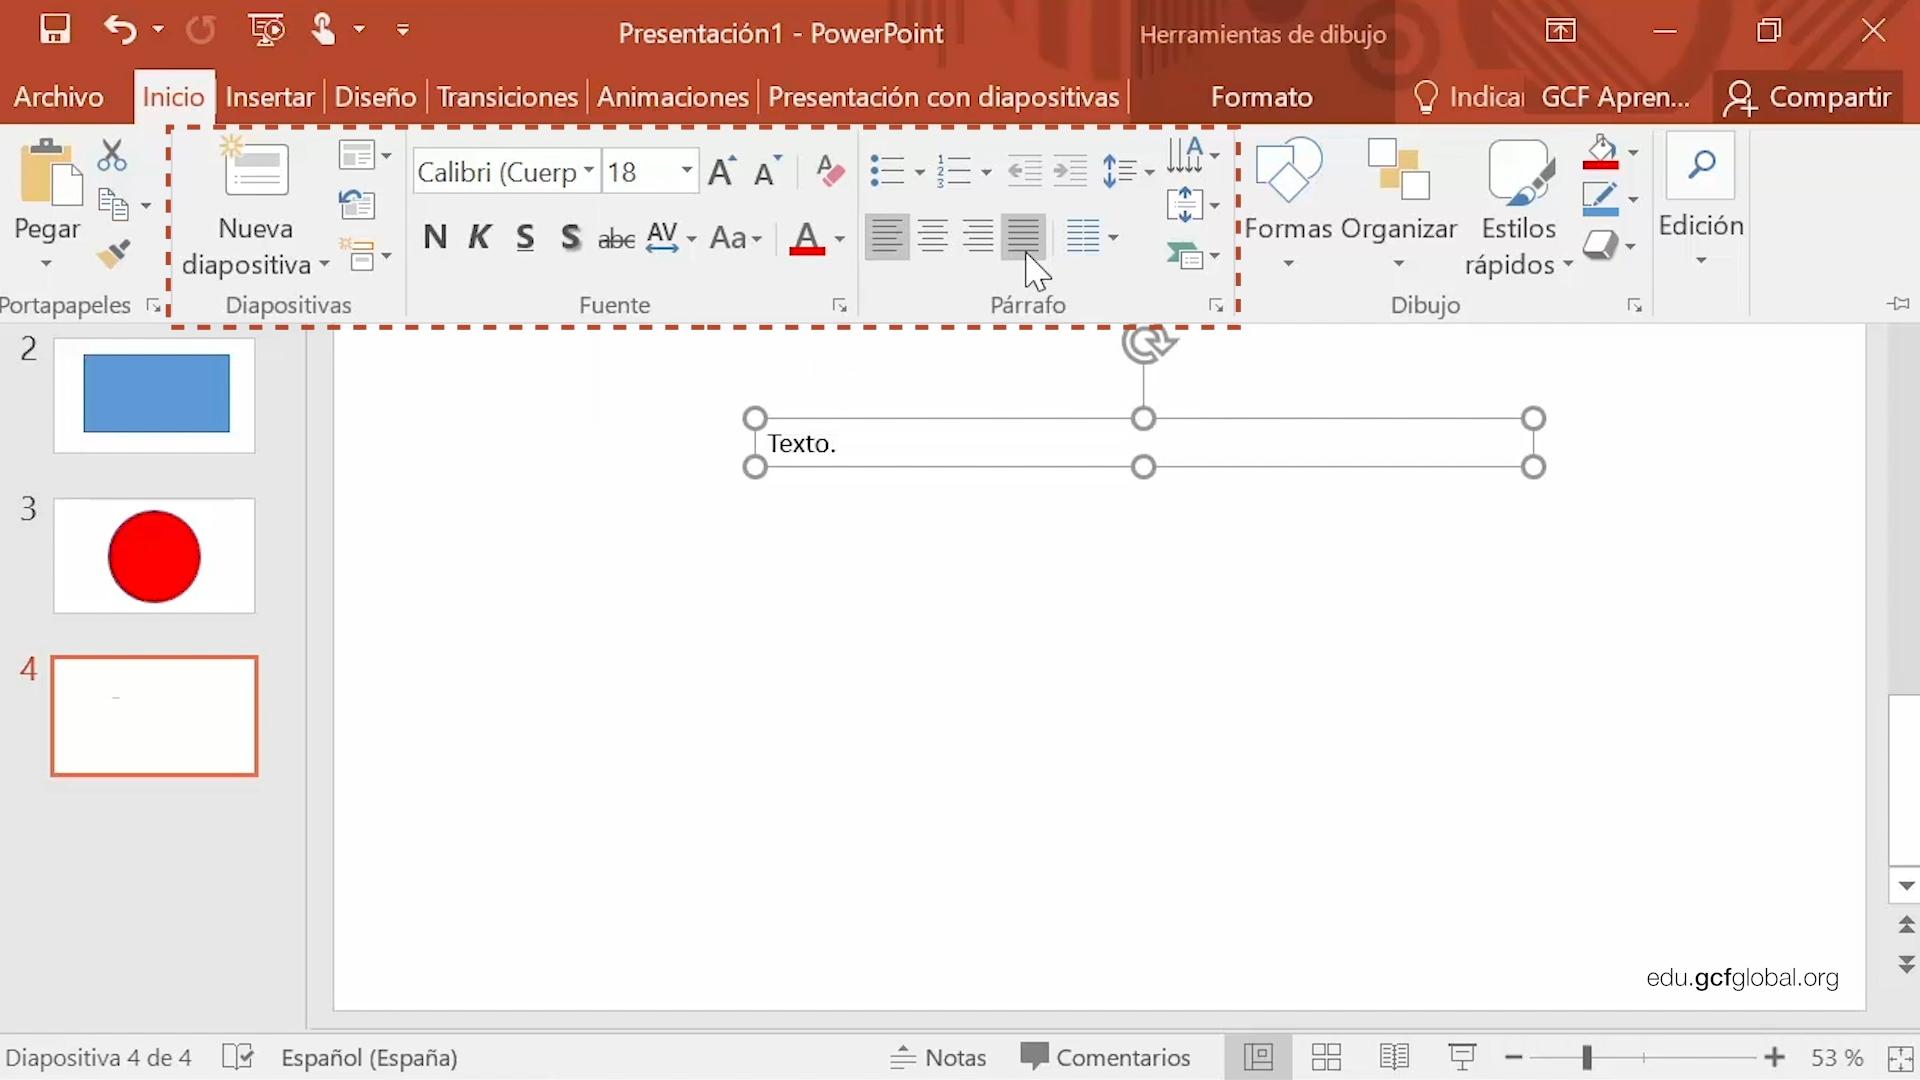 Imagen de Powerpoint con las opciones de formato del cuadro de texto.